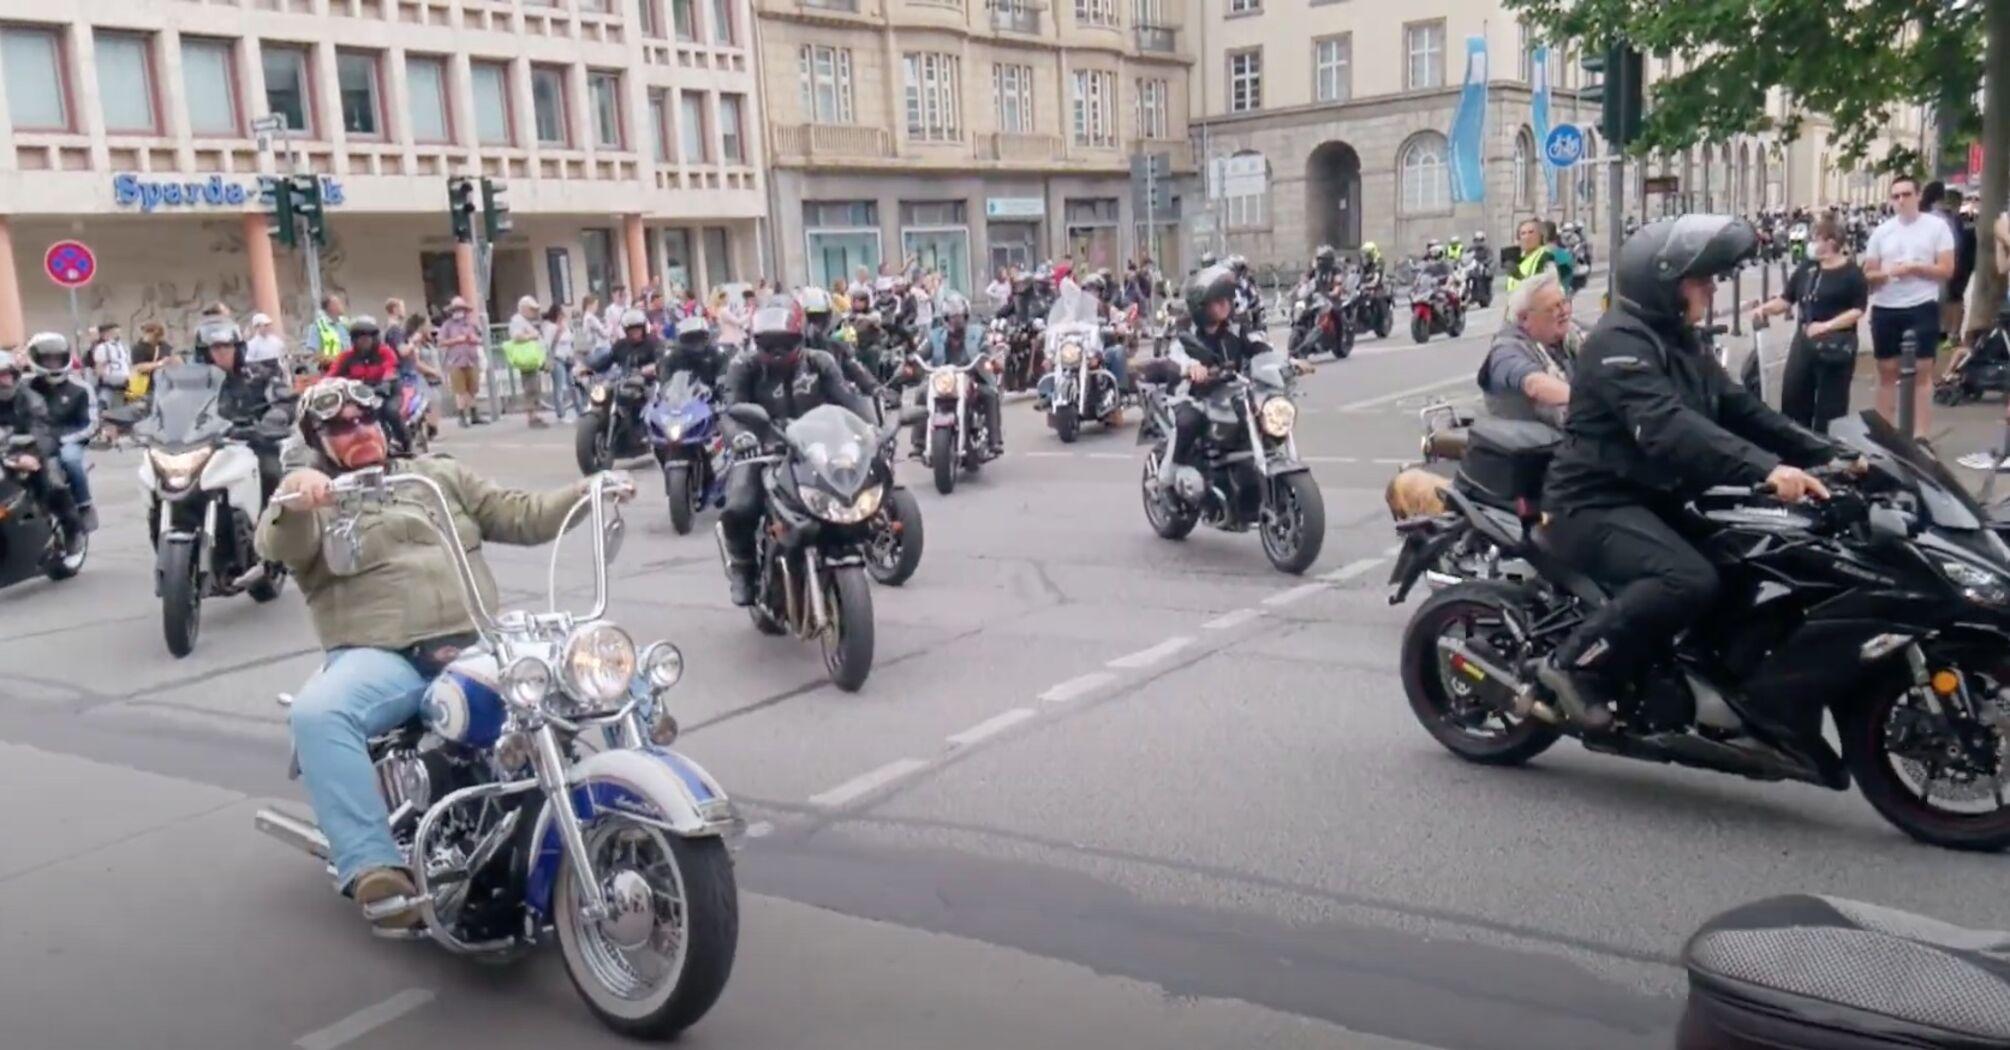 У Німеччині на акції протесту вийшли тисячі байкерів